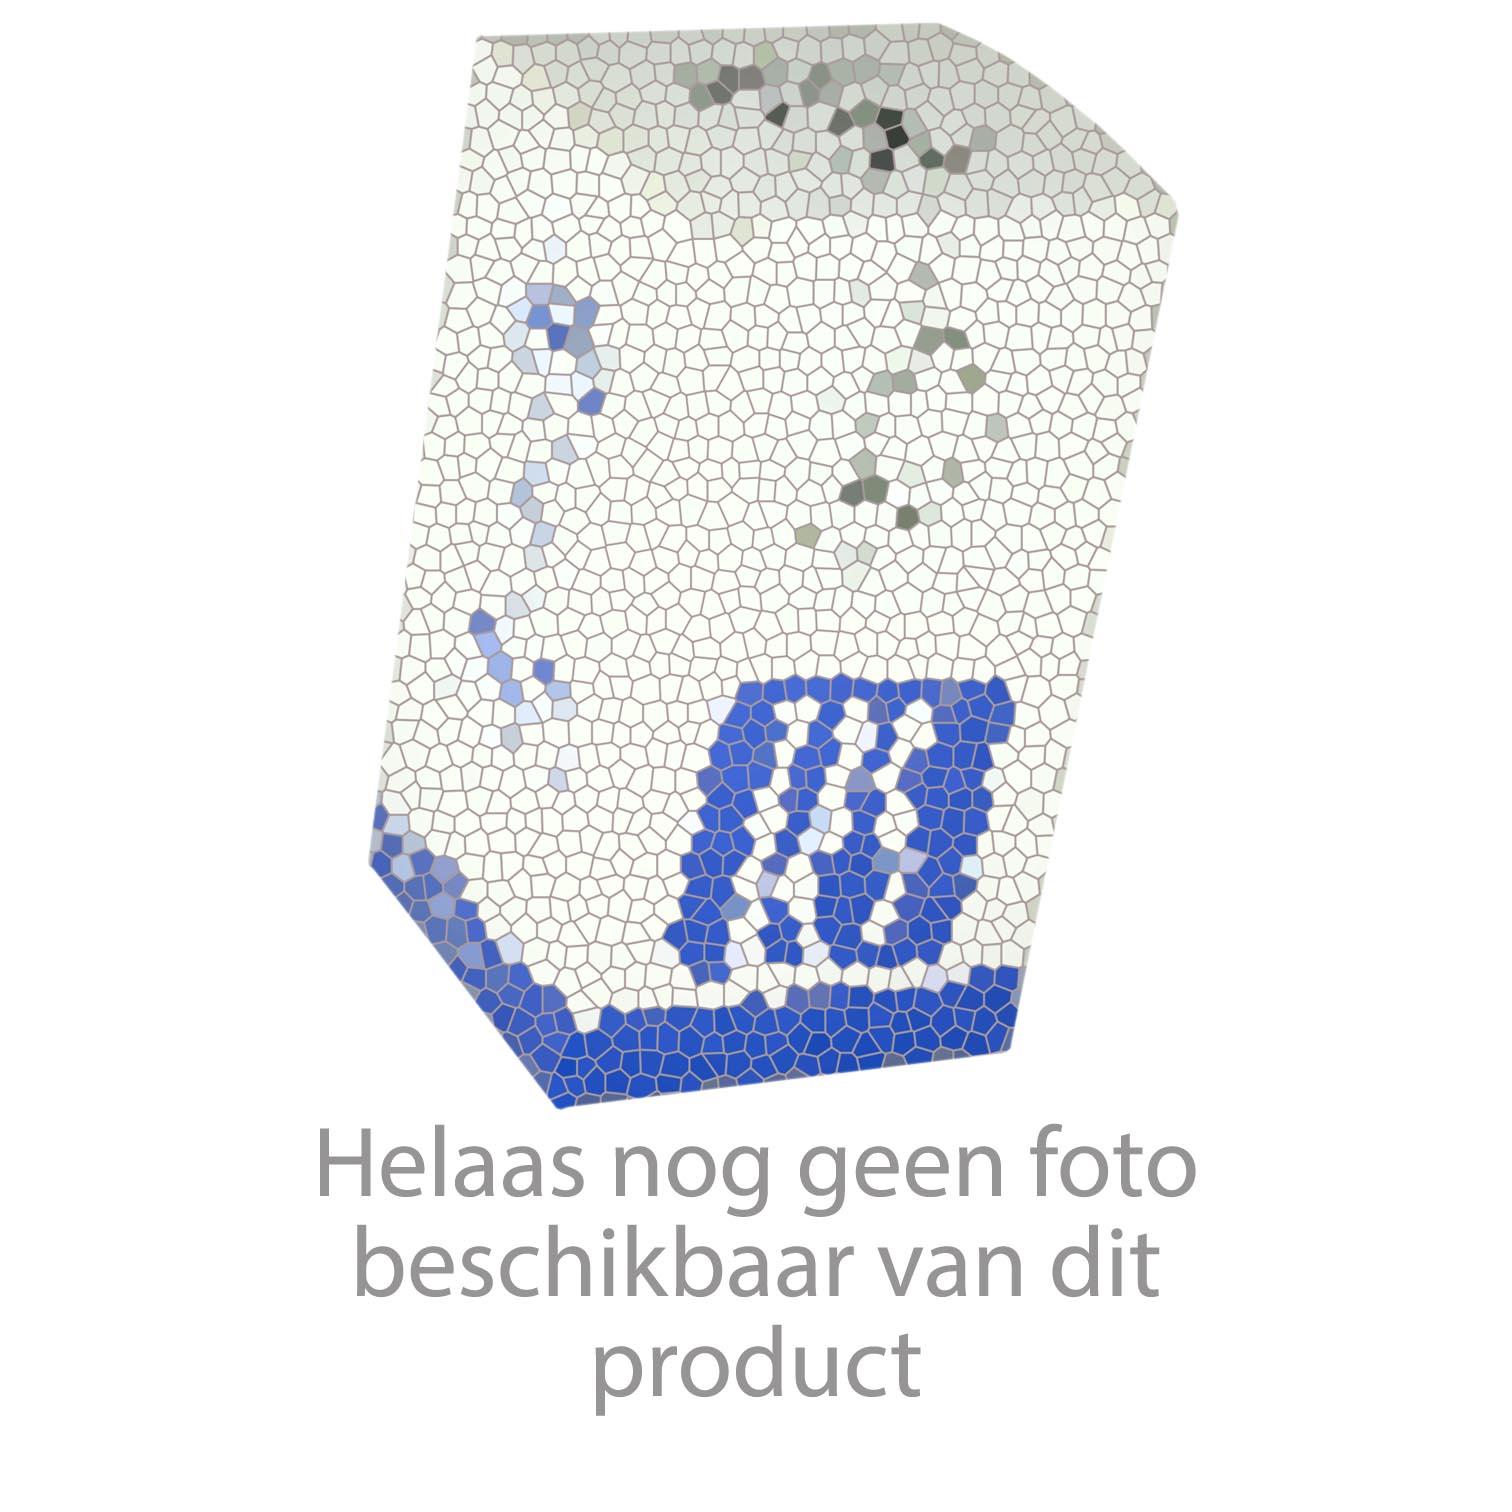 HansGrohe Keukenmengkranen Allegra Steel productiejaar > 10/05 35813800 onderdelen